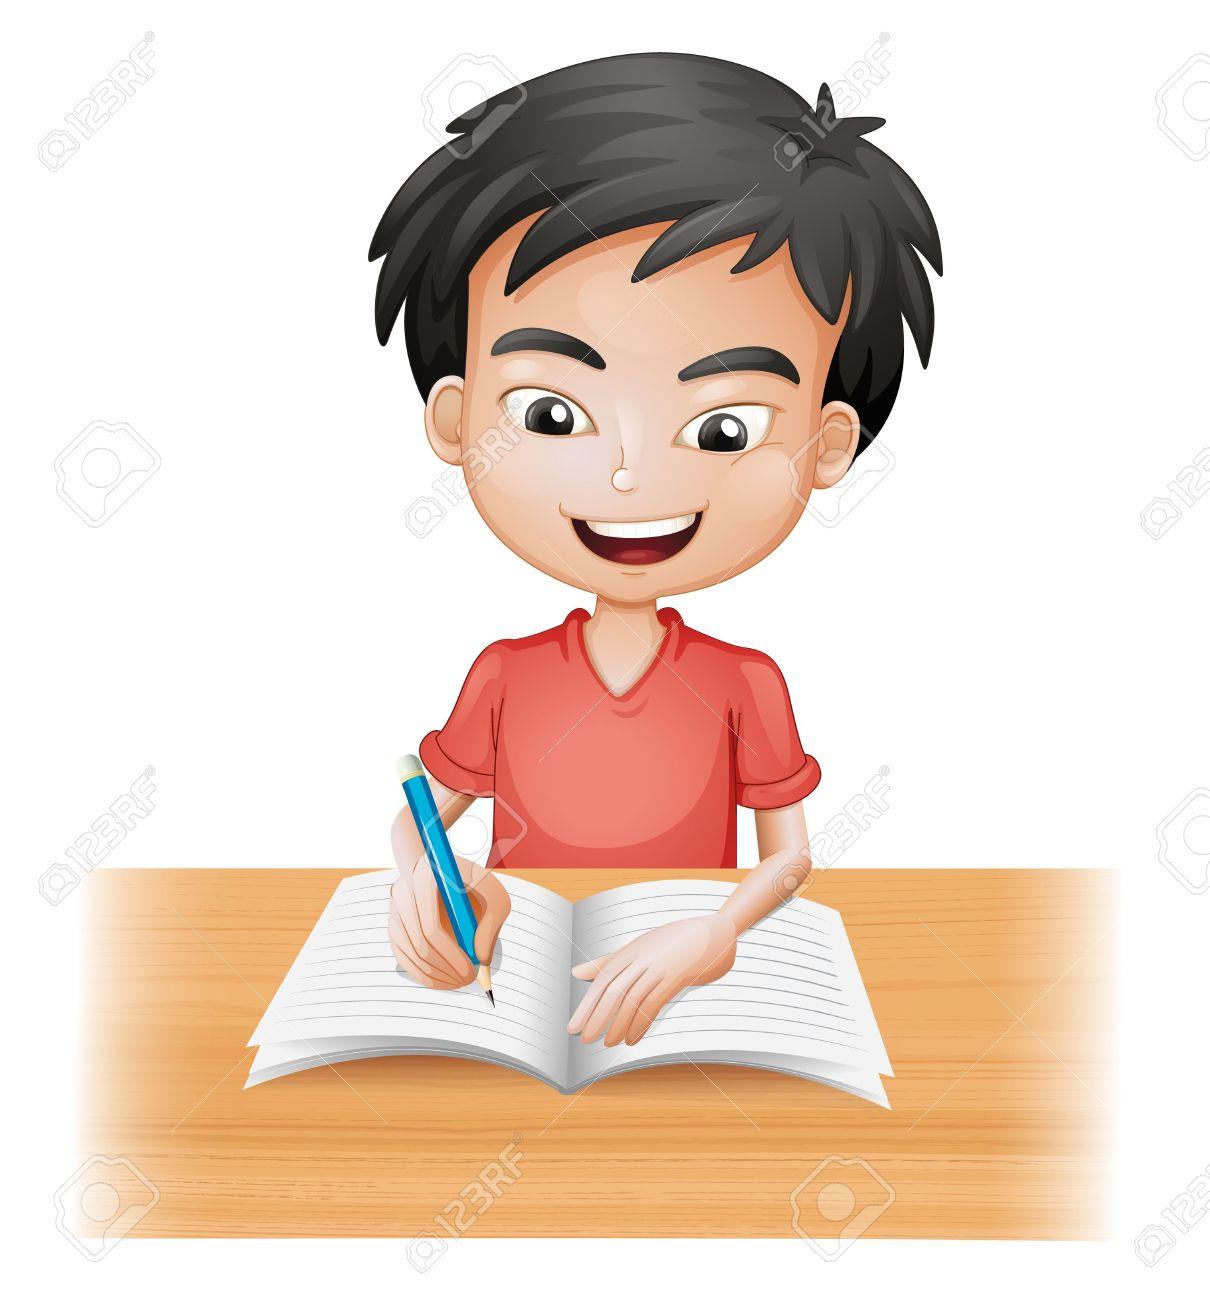 白い背景の上を書く微笑む少年のイラストのイラスト素材ベクタ Image